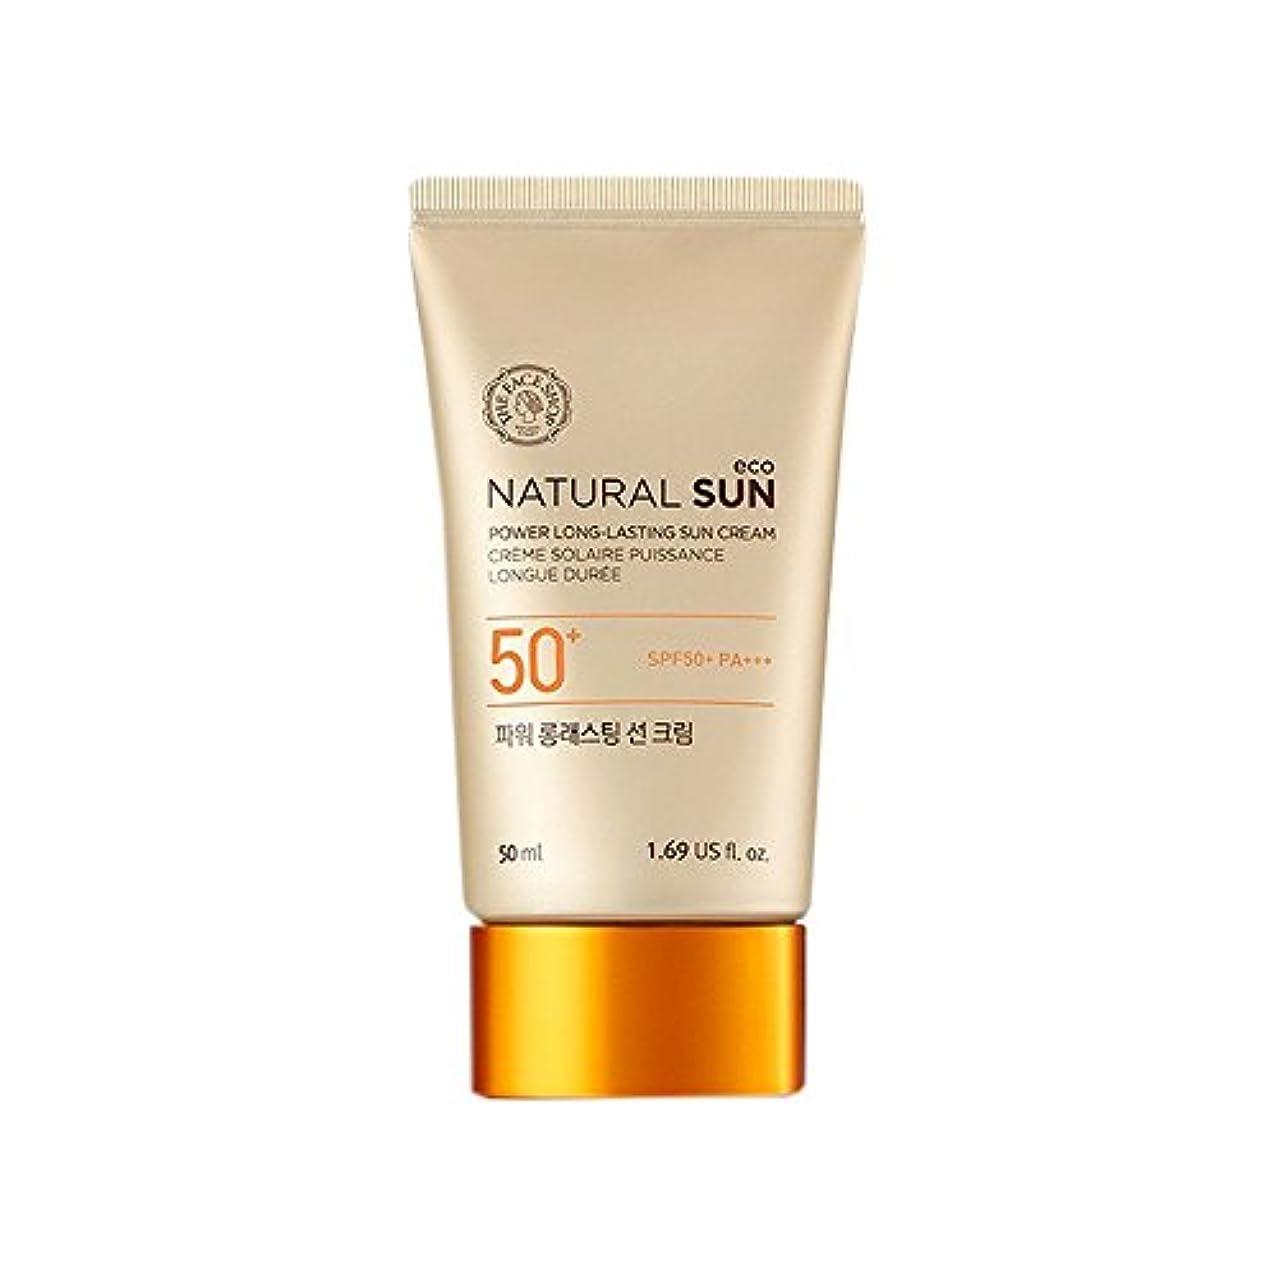 ピンぞっとするような焼く[ザ?フェイスショップ] The Face Shop ナチュラルサン エコ パワー ロングラスティング サン クリーム SPF50+PA+++50ml The Face Shop Natural Sun Eco Power...